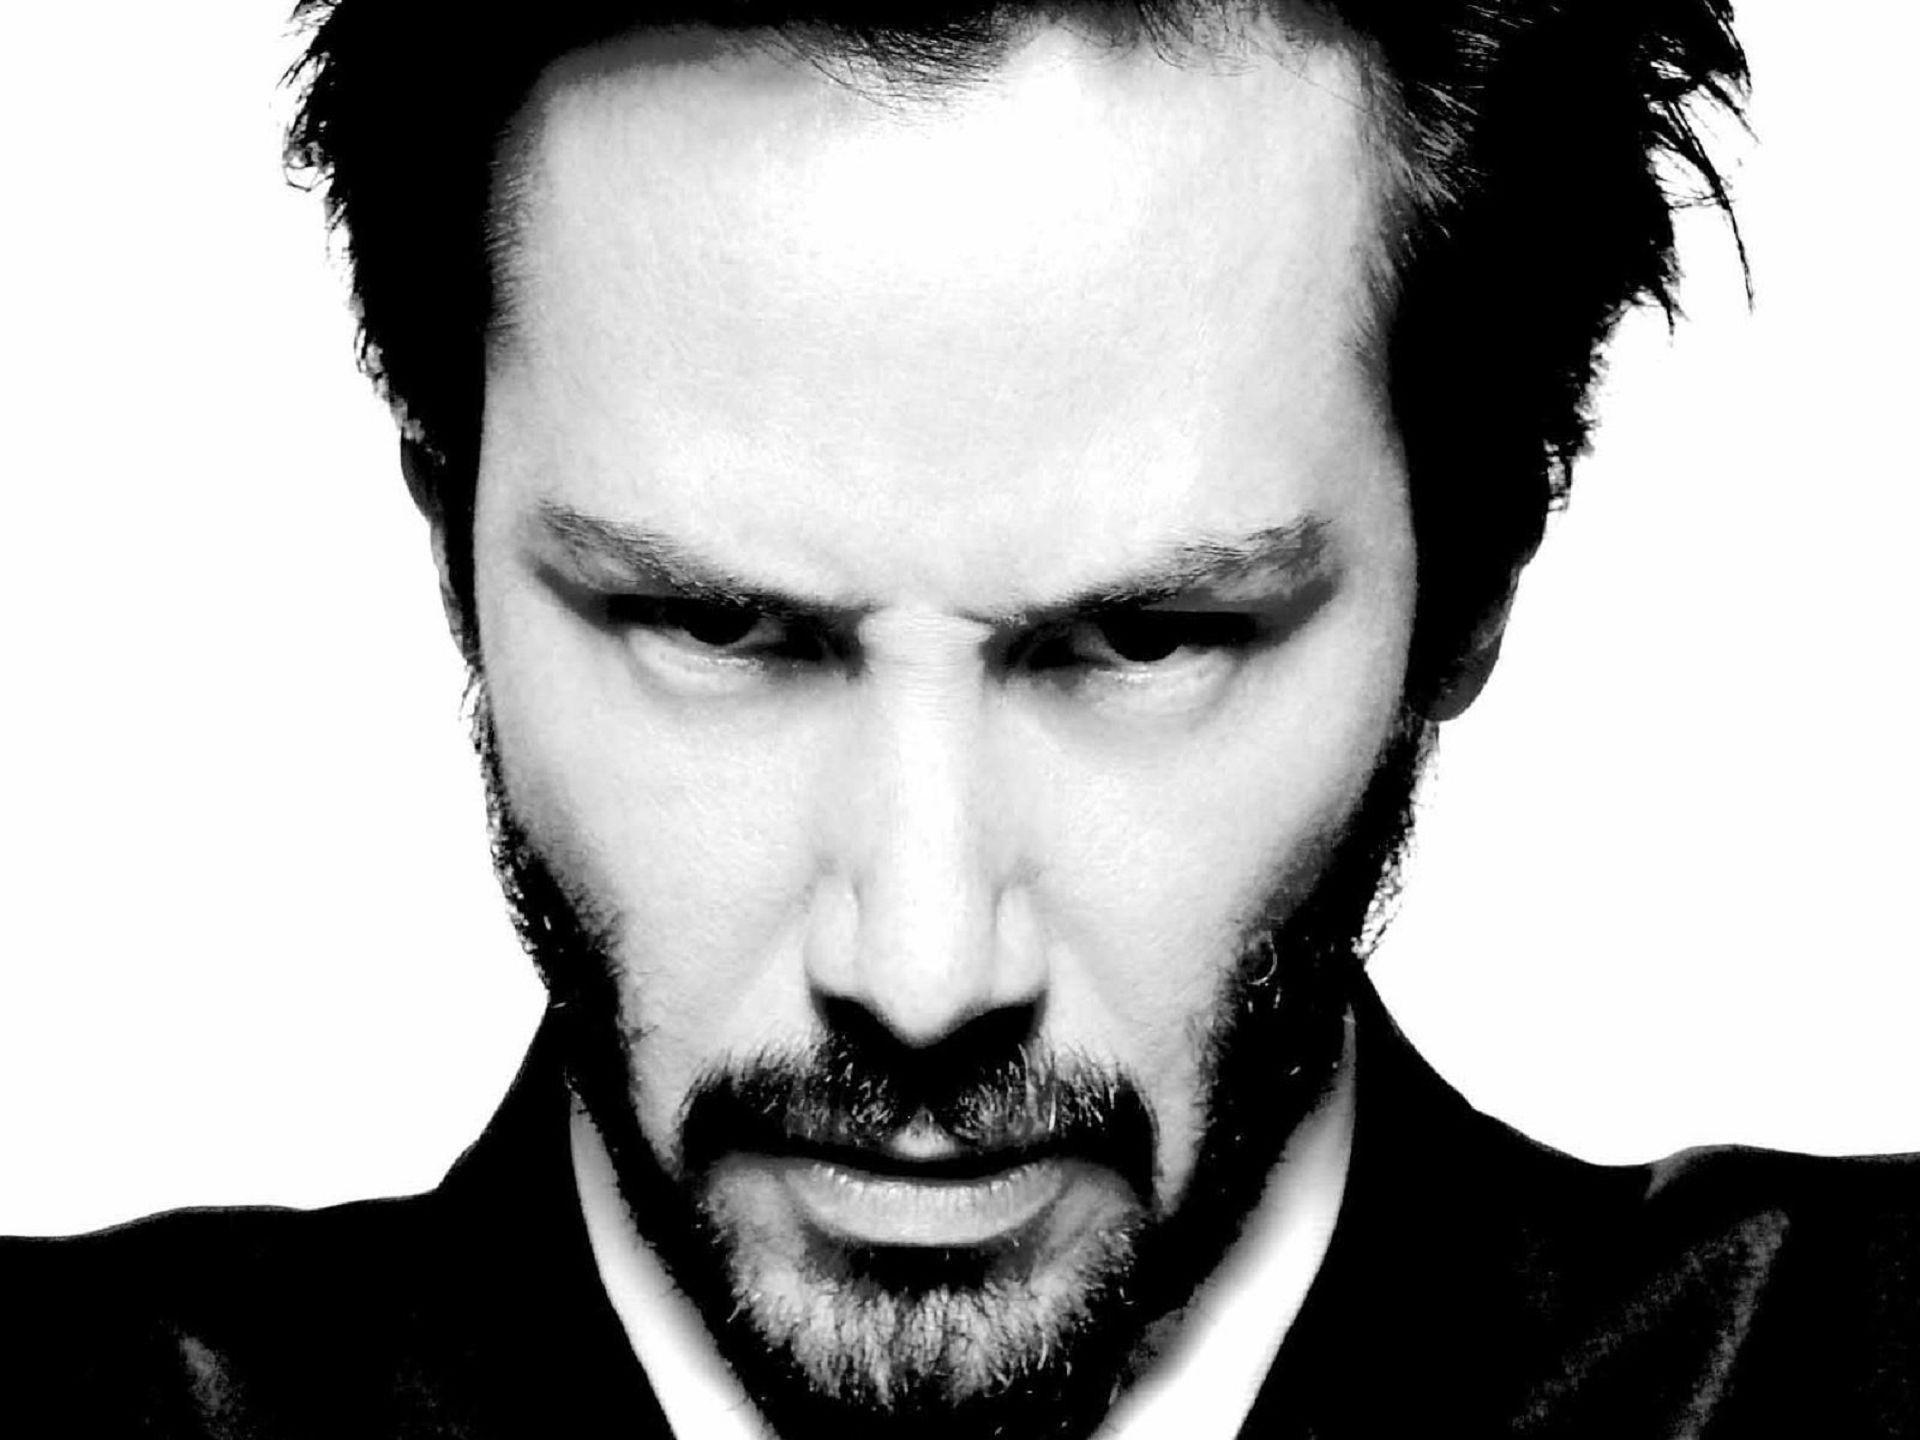 Keanu Reeves images